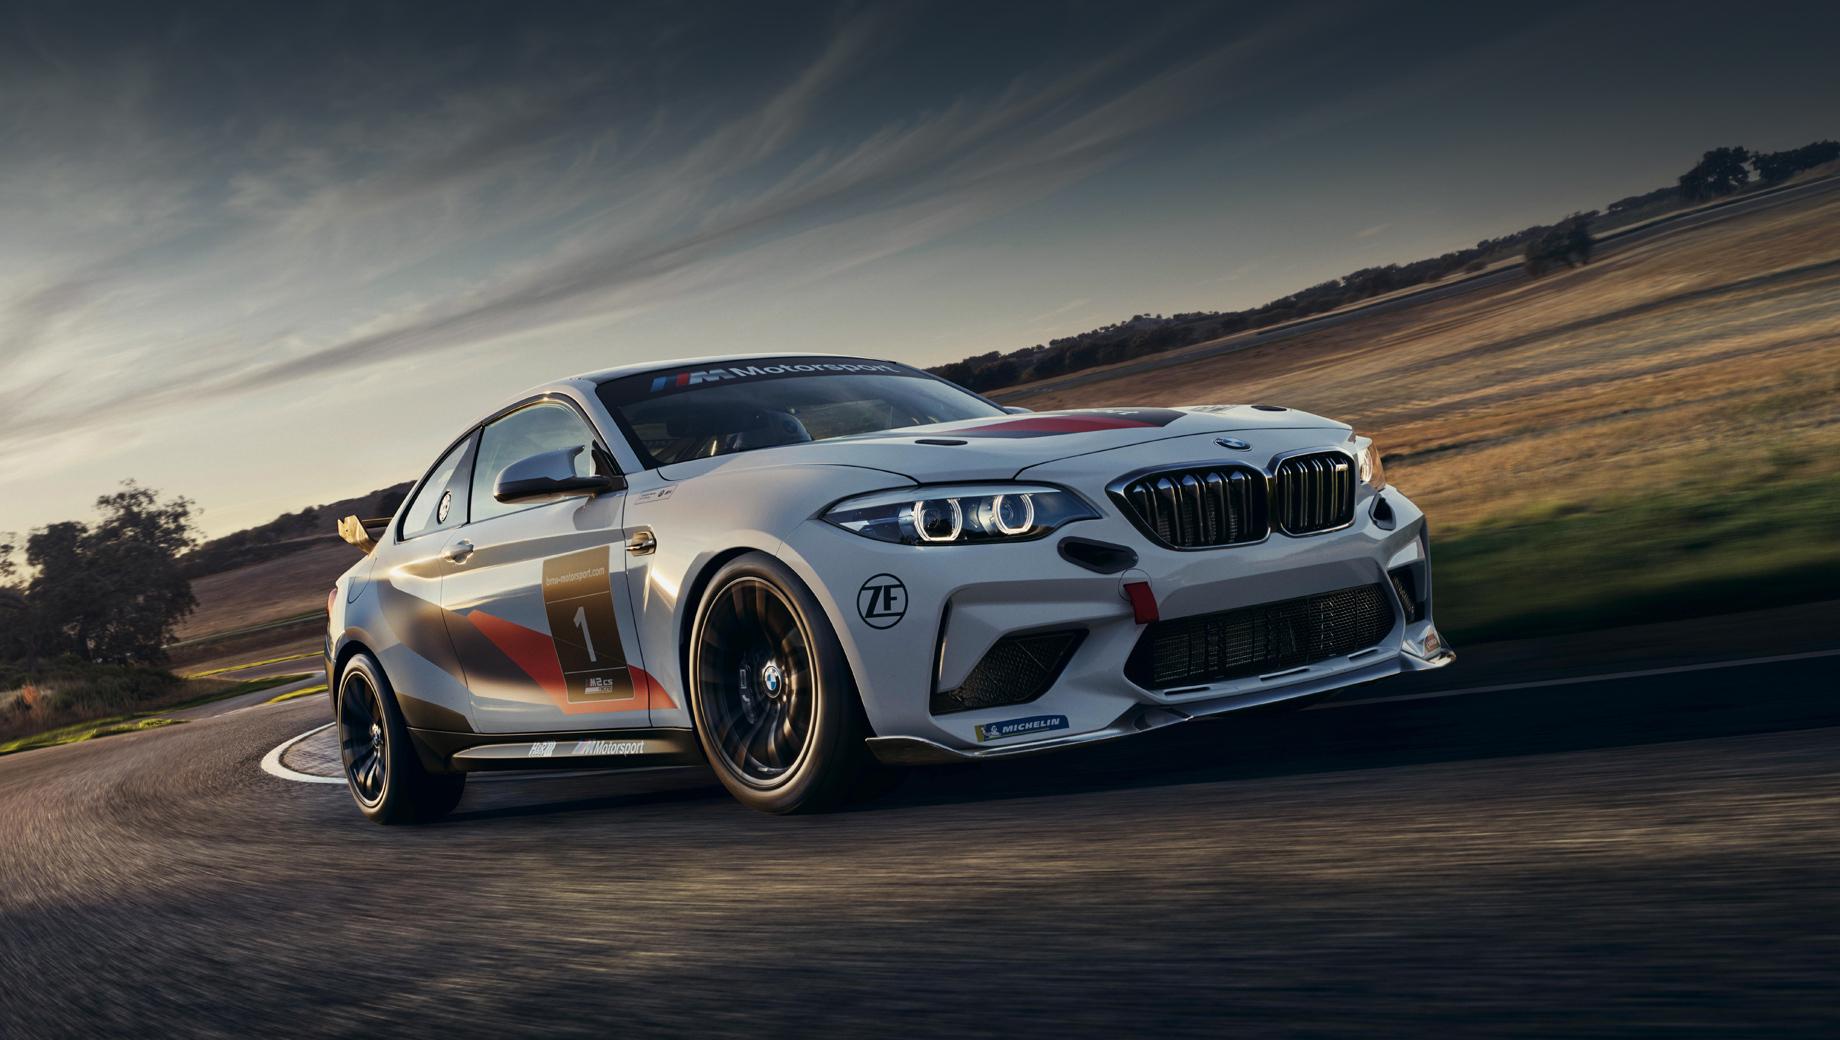 Bmw 2,Bmw m2,Bmw m2 cs racing,Bmw m2 racing. Глава отделения BMW M по маркетингу Томас Фельбермайр заявил: «Северная Америка — самый значительный рынок для BMW M, поэтому для нас было важно показать BMW M2 CS Racing именно в США. С этим автомобилем мы будем представлены не только в классическом автоспорте, но и в сегменте клубных гонок, и в сообществе любителей трек-дней».